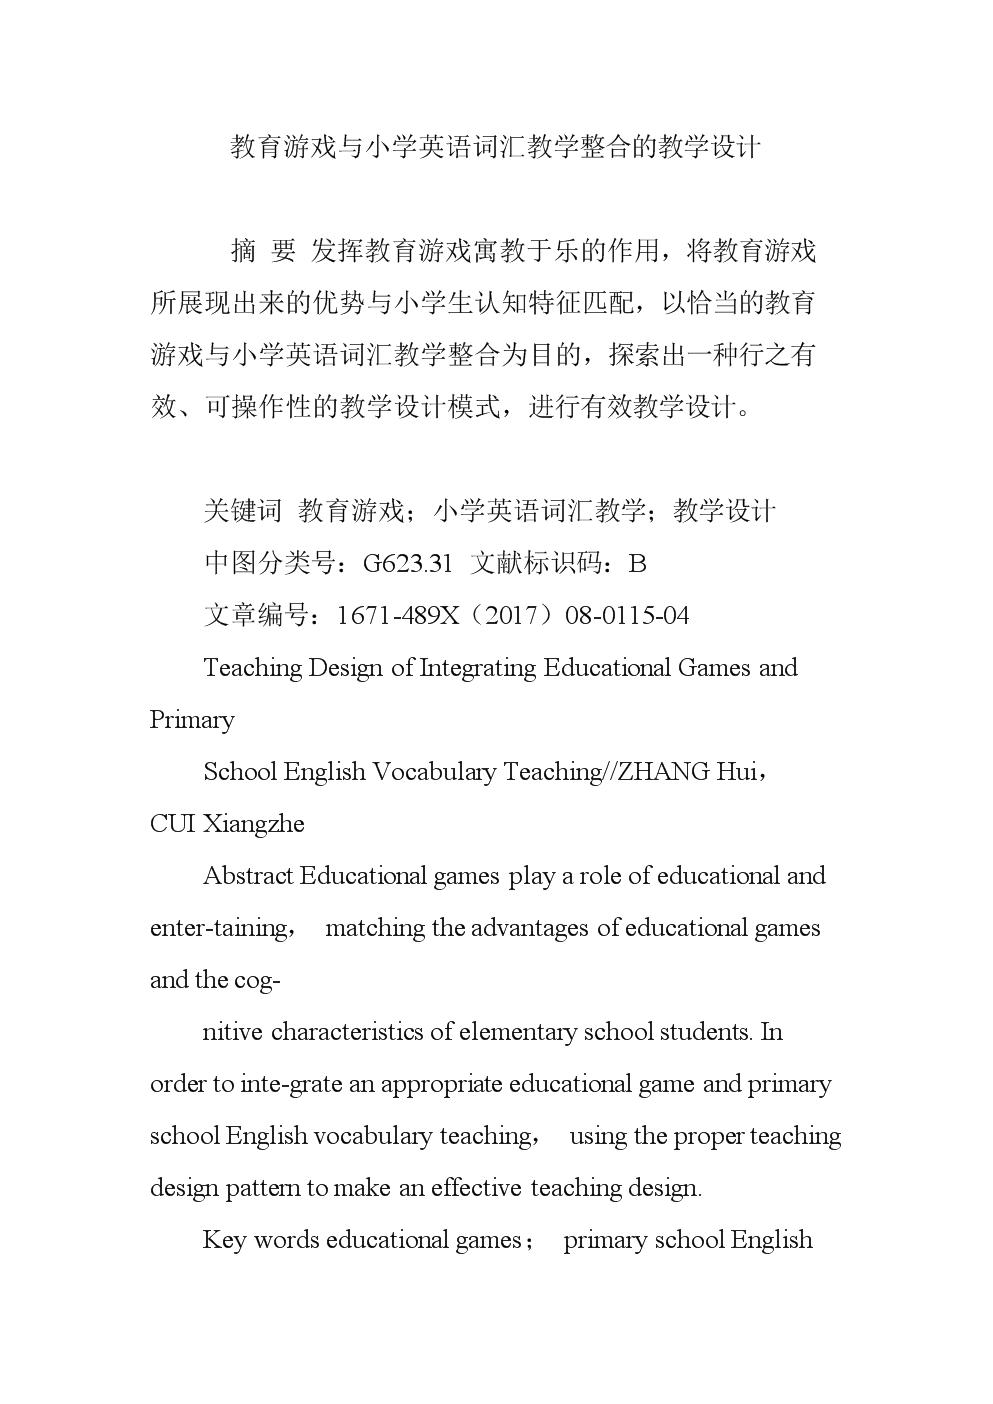 整合游戏与小学英语词汇小学教育的教学设计.61古诗年级教学到图片